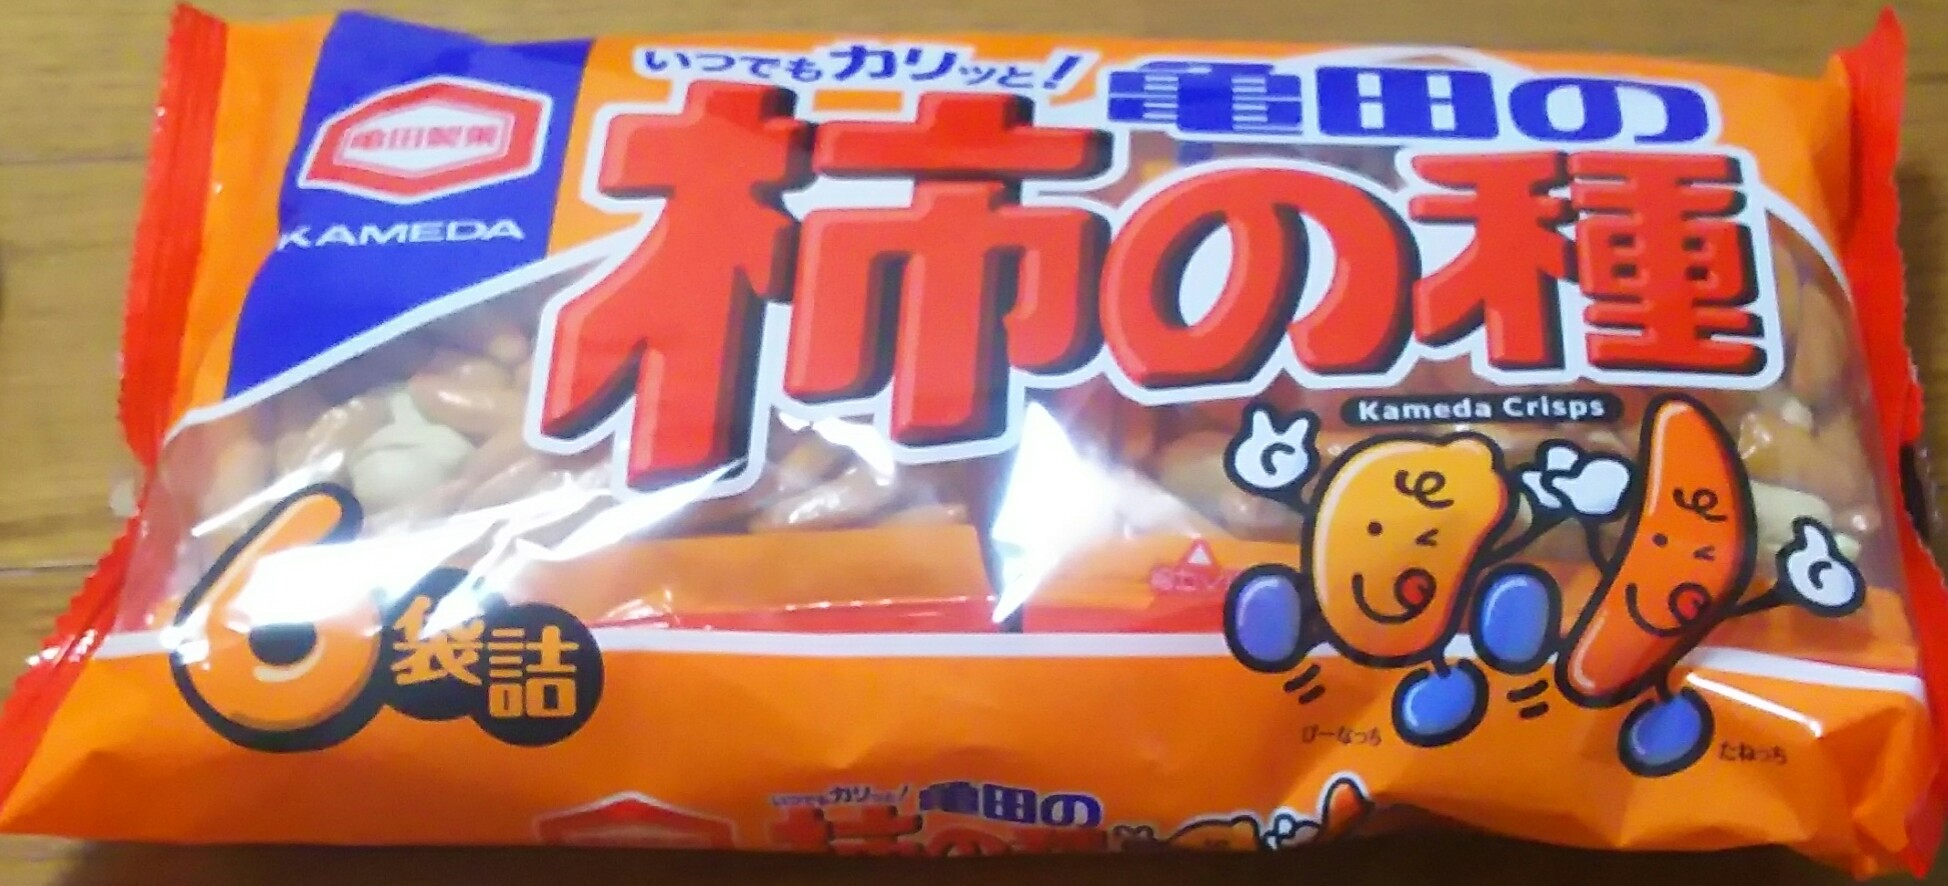 亀田の柿の種(亀田製菓)感想・レビュー